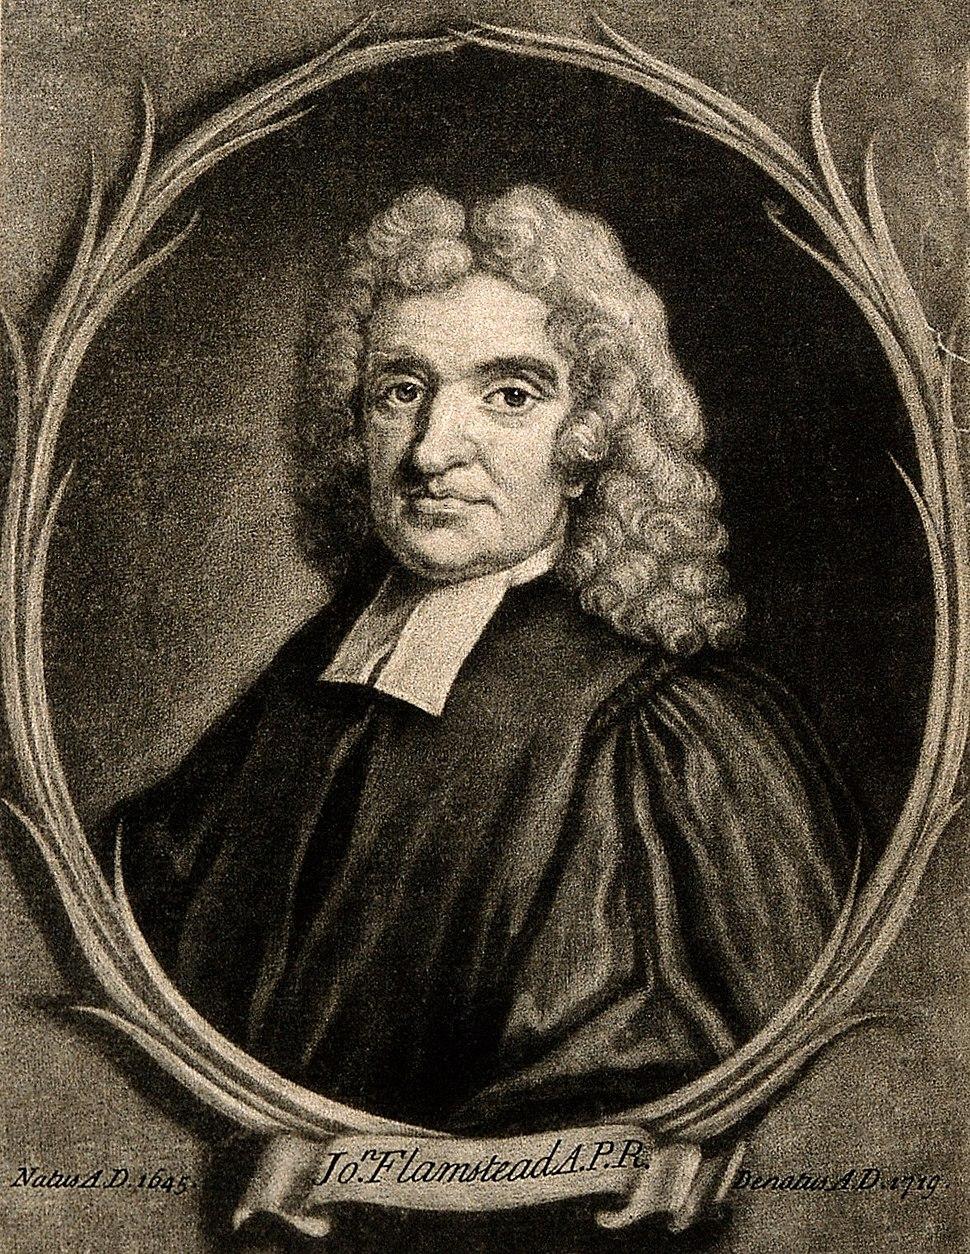 John Flamsteed 1702